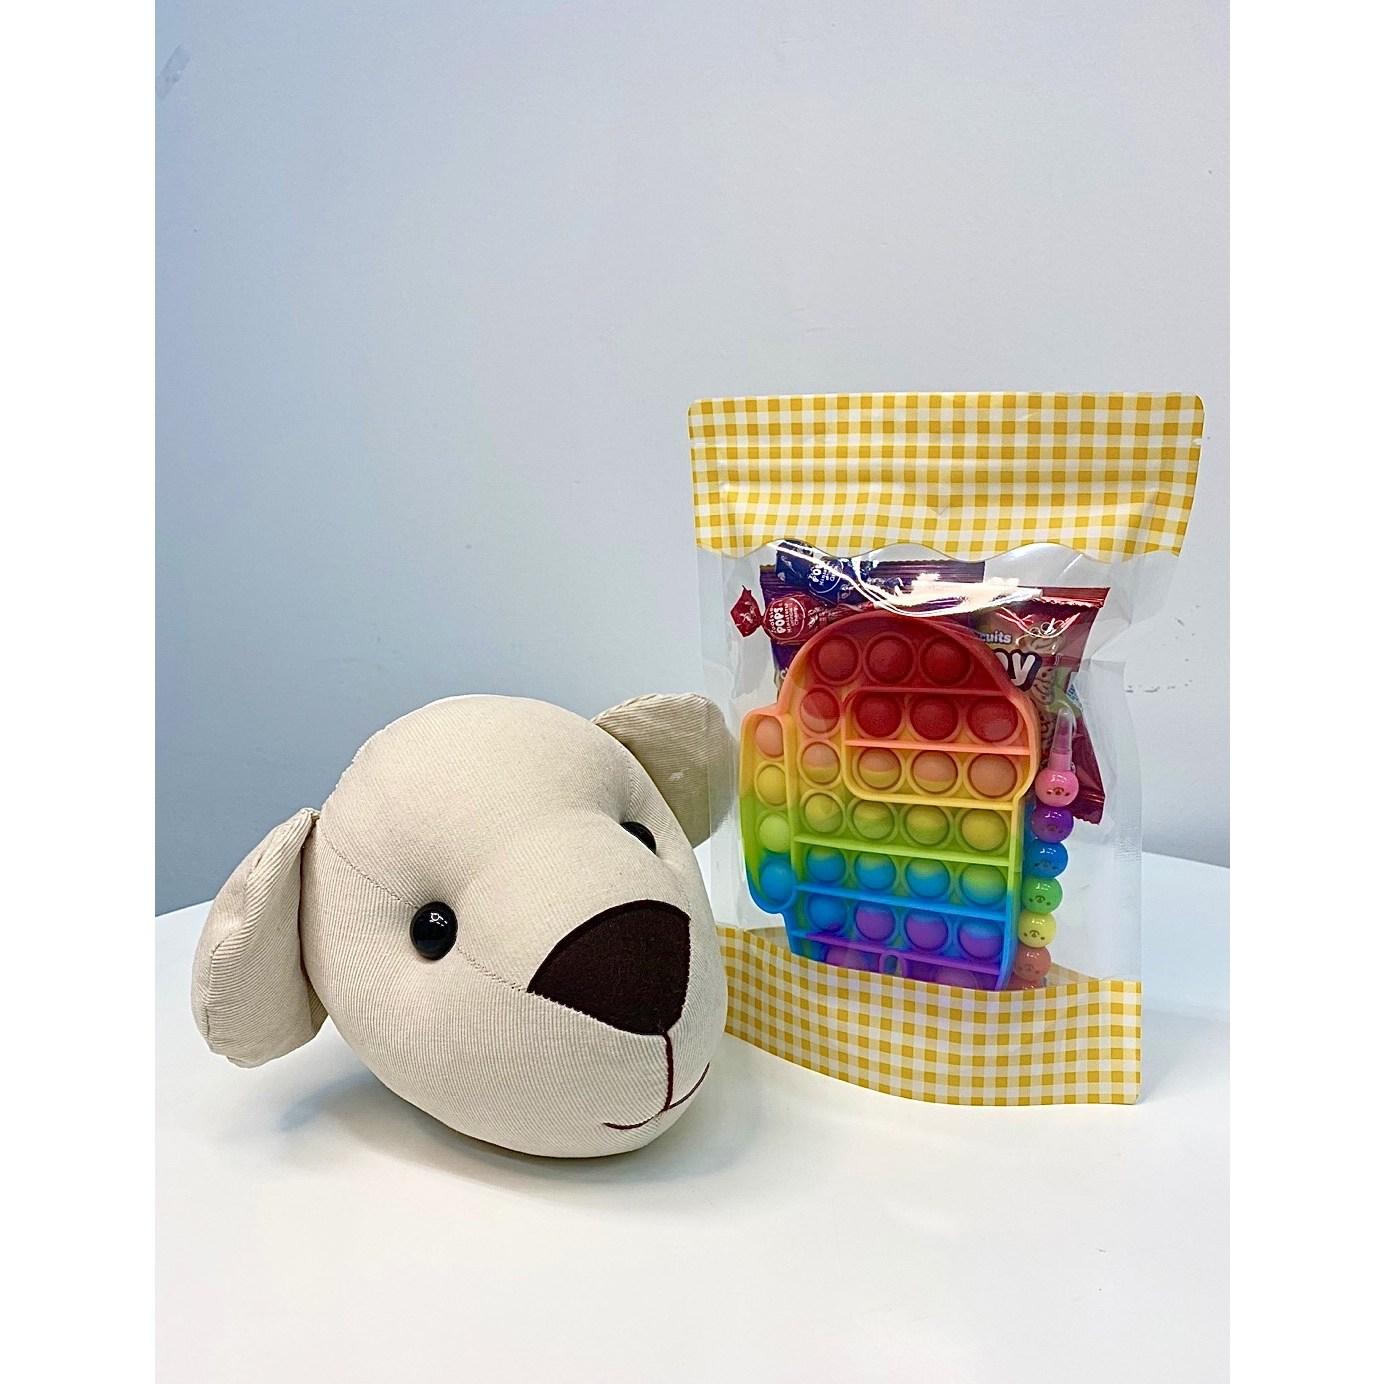 어몽어스 푸쉬팝 어린이집 어린이 영어 어린이날 유치원 친구 생일 선물 단체 선물 답례품 구디백 장난감